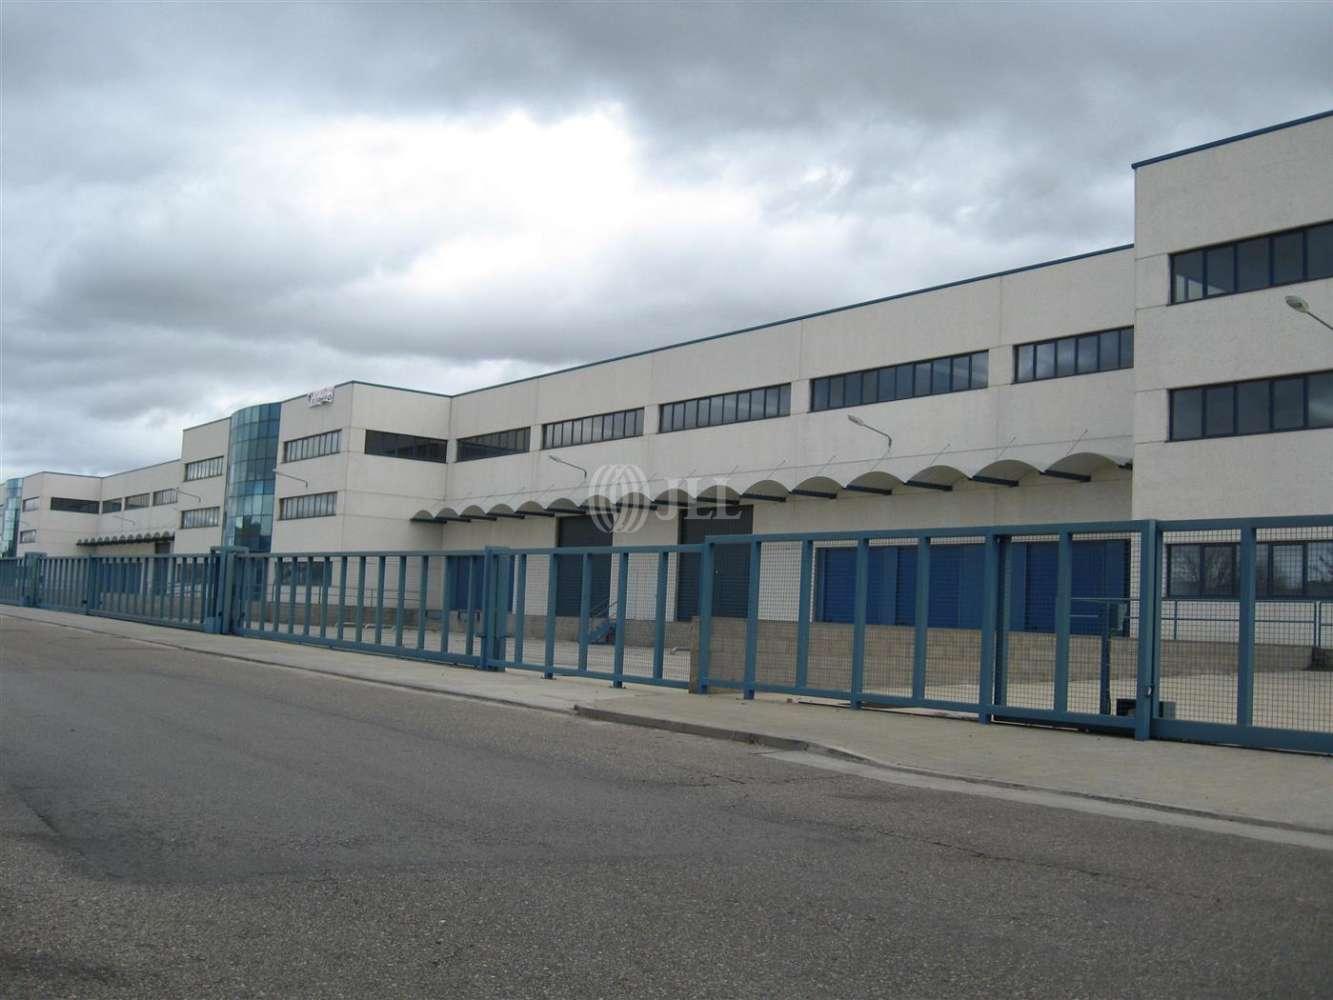 Naves industriales y logísticas Alcalá de henares, 28806 - M0072 NAVE LOGISTICA EN VENTA P.I. CAMPORROSO ALCALA